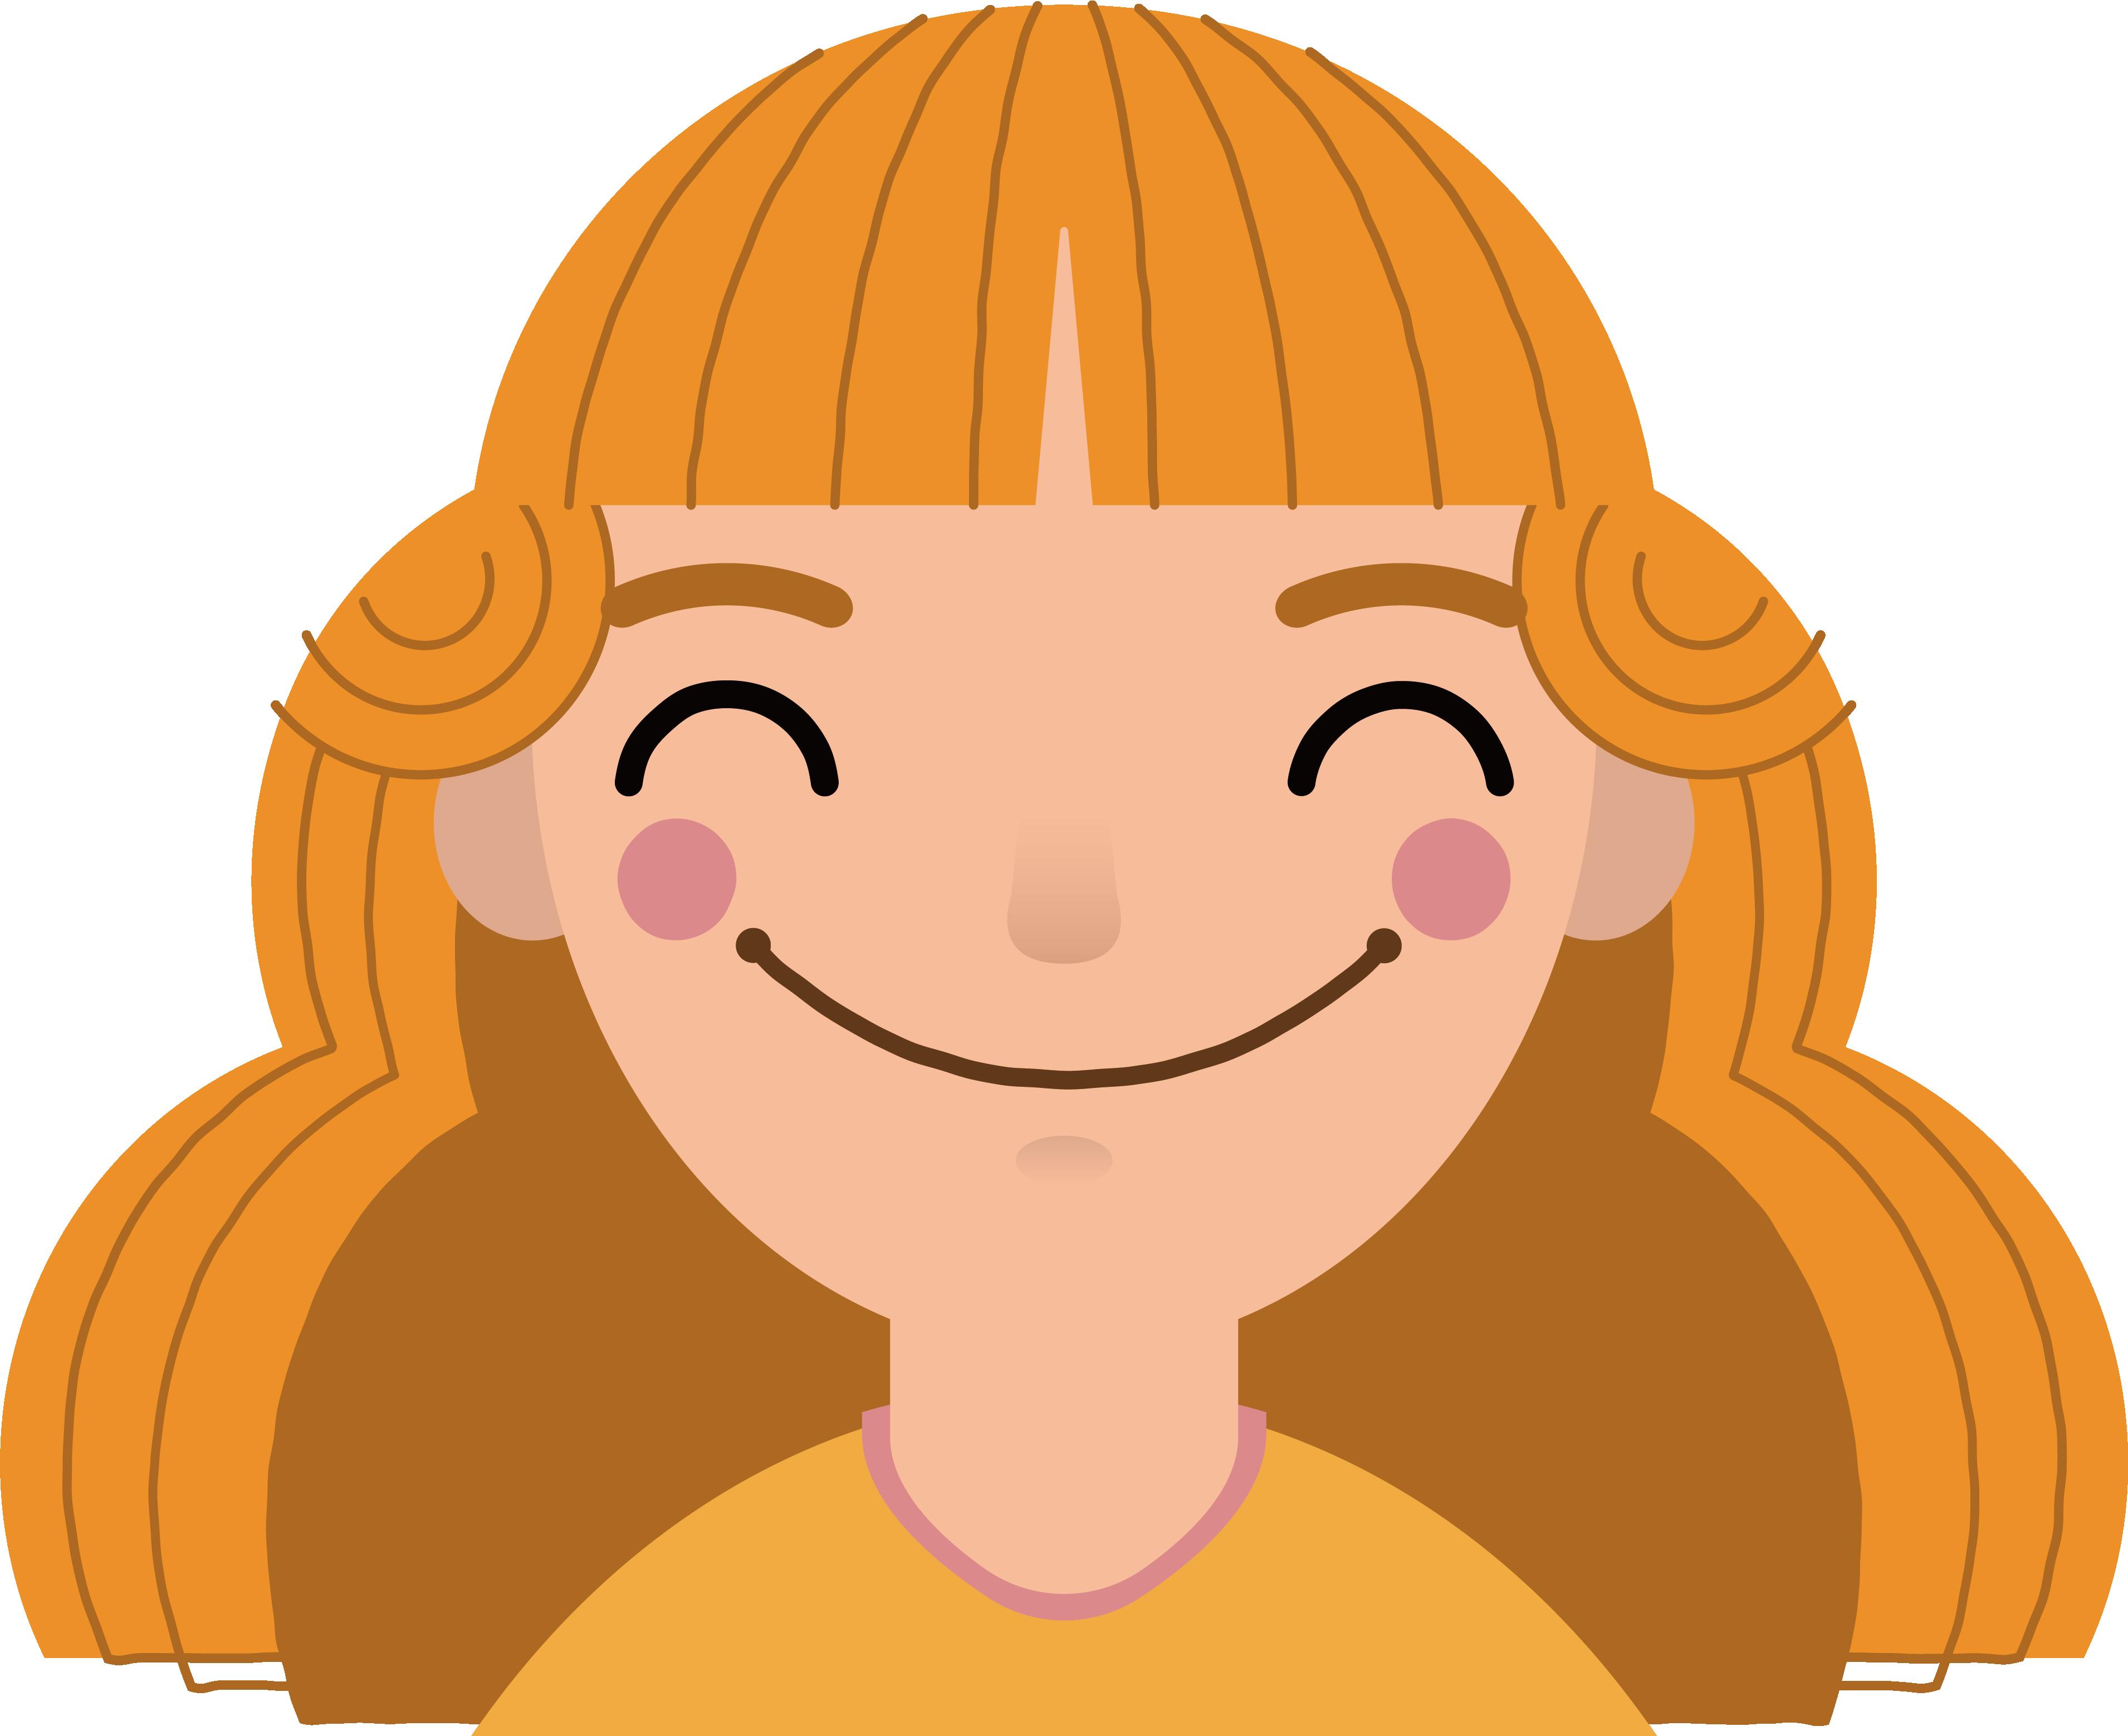 Smile clip art a. Gum clipart hair clipart